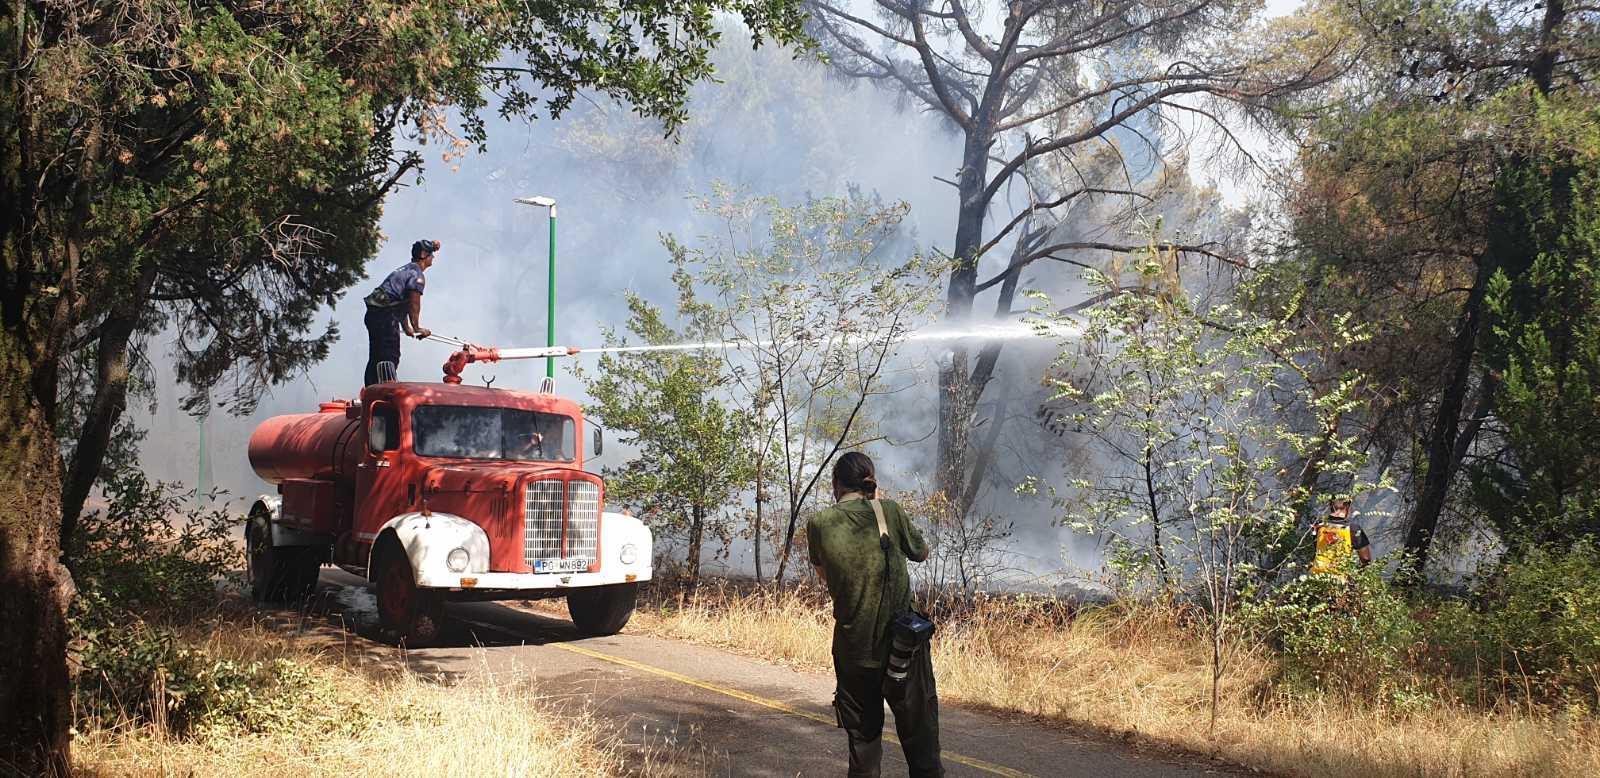 Požar na Gorici trenutno pod kontrolom, očekuju dodatnu podršku nadležnih državnih organa